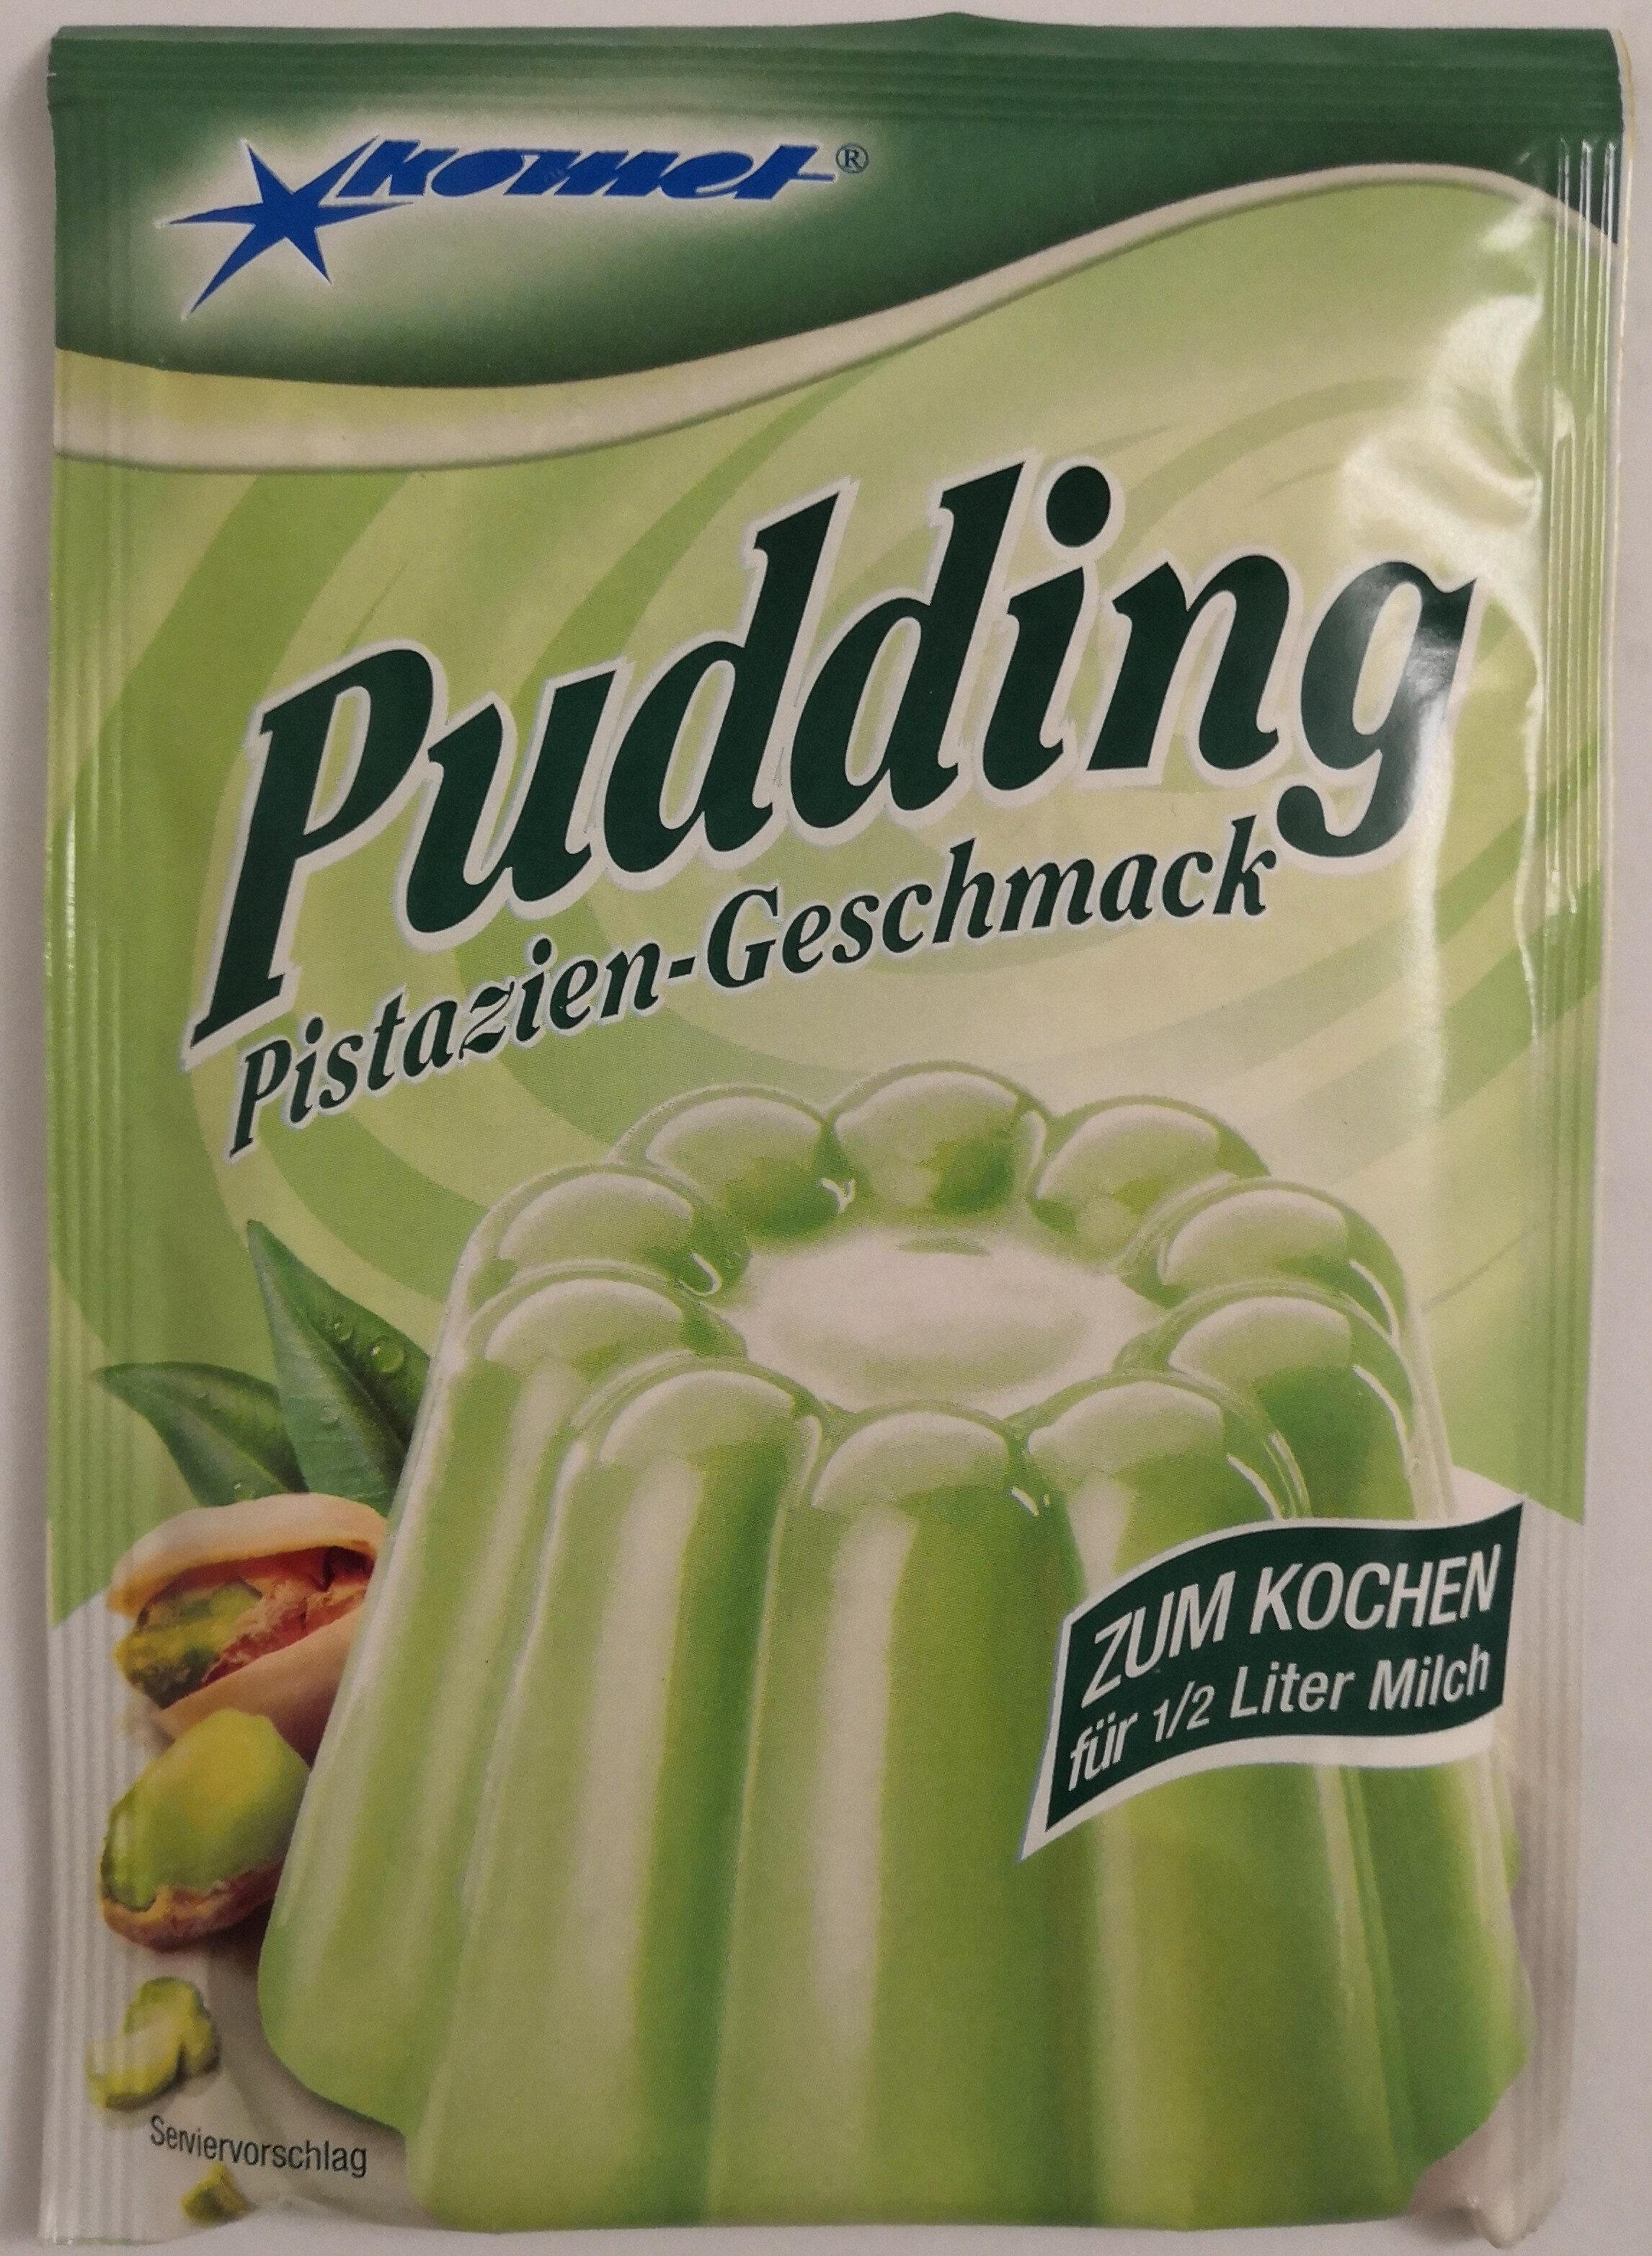 Komet Pudding Pistazien-Geschmack - Produkt - de